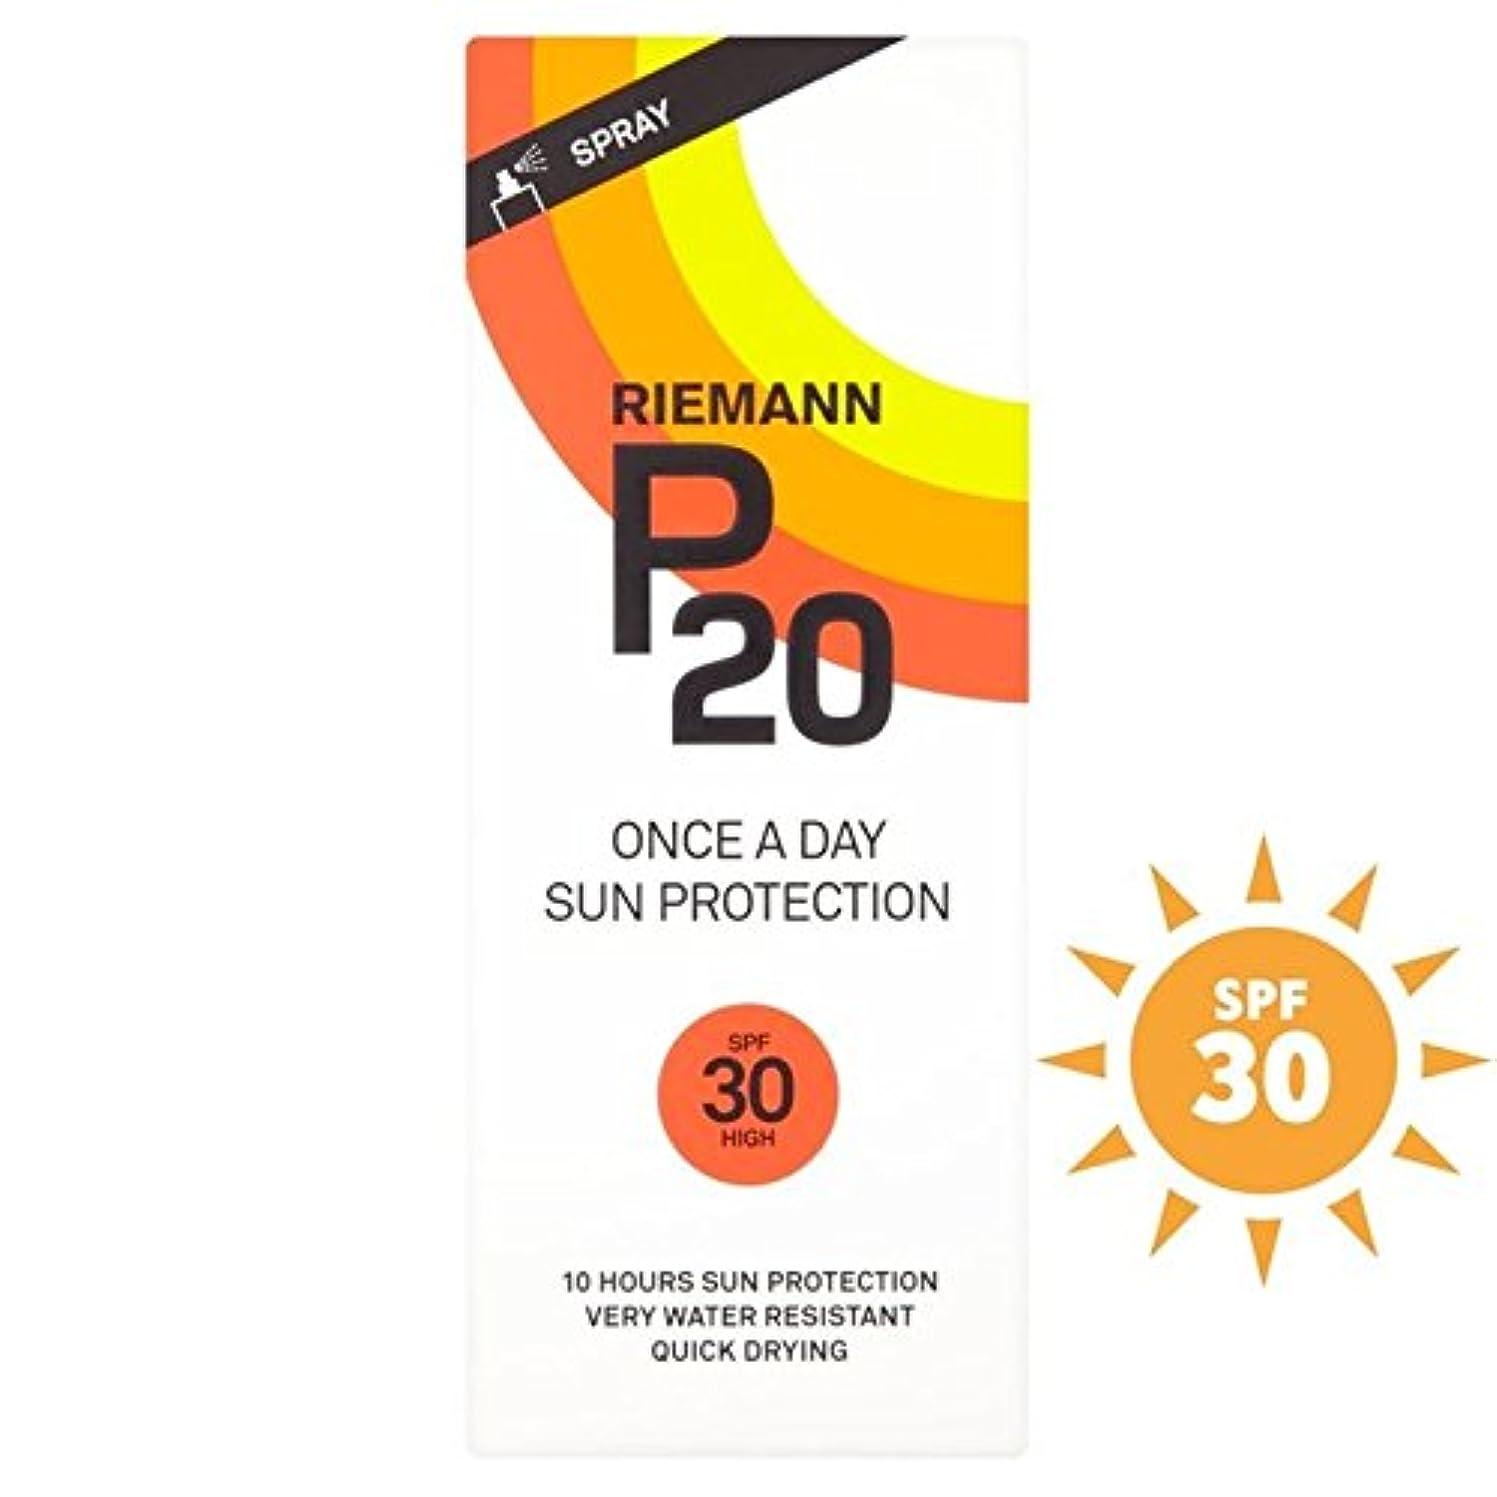 食べる関税全部リーマン20 30 1日/ 10時間の保護200ミリリットル x2 - Riemann P20 SPF30 1 Day/10 Hour Protection 200ml (Pack of 2) [並行輸入品]